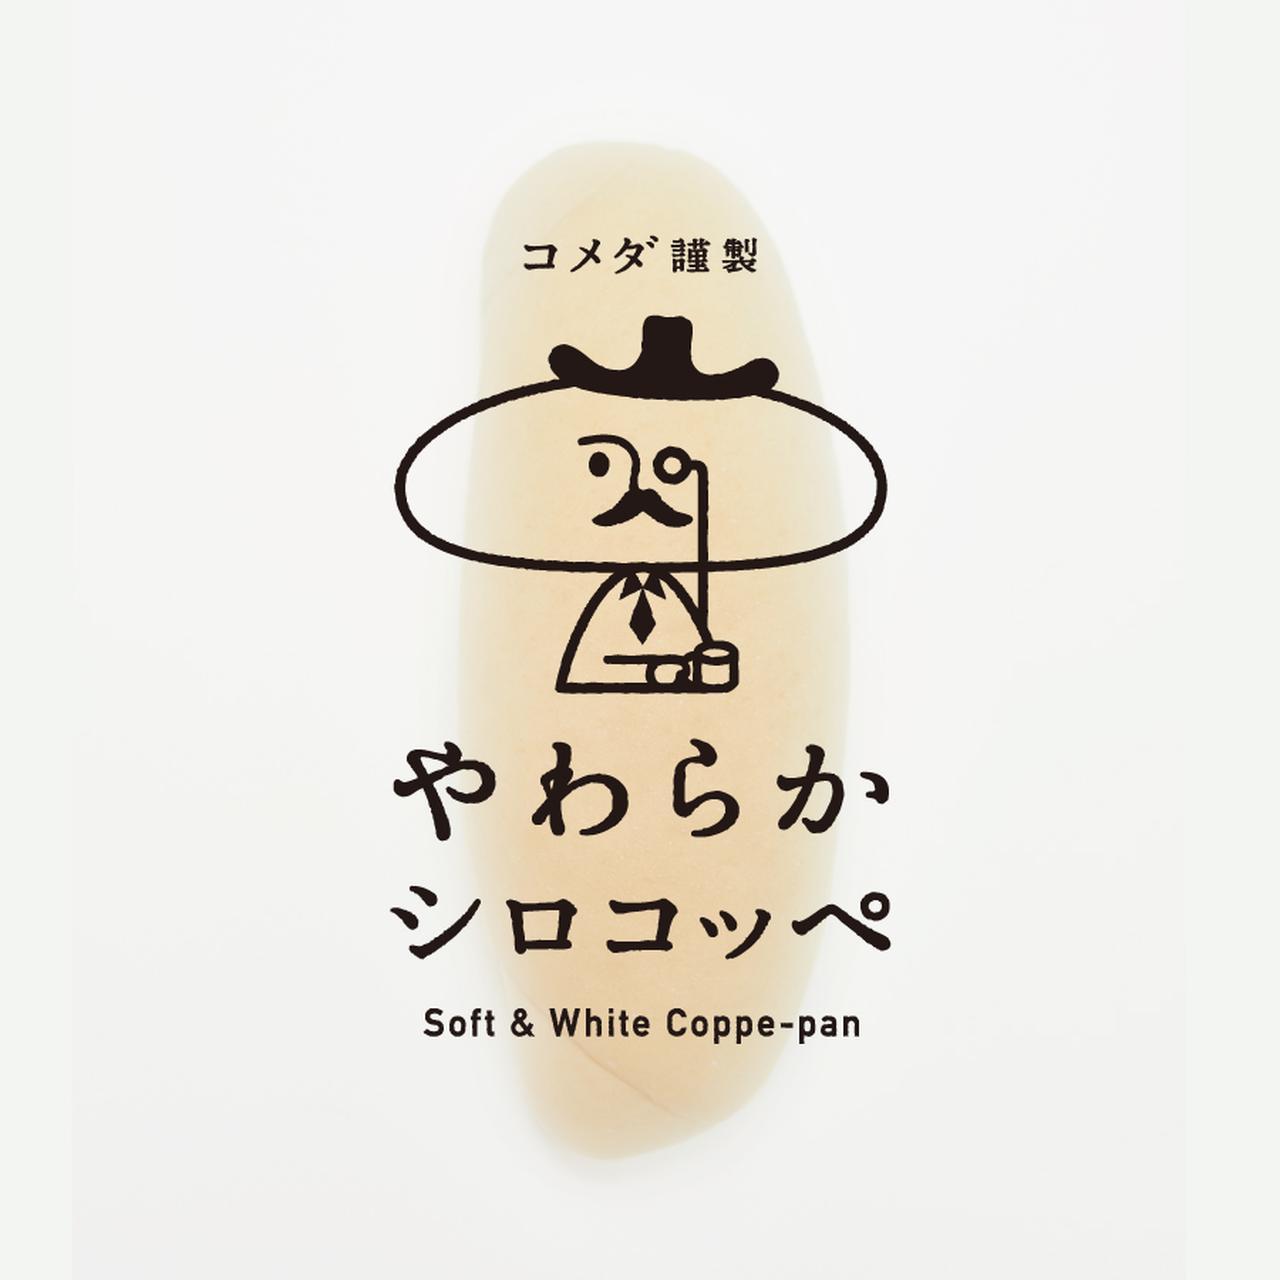 画像1: 名古屋にあのコッペパンが帰ってきた!